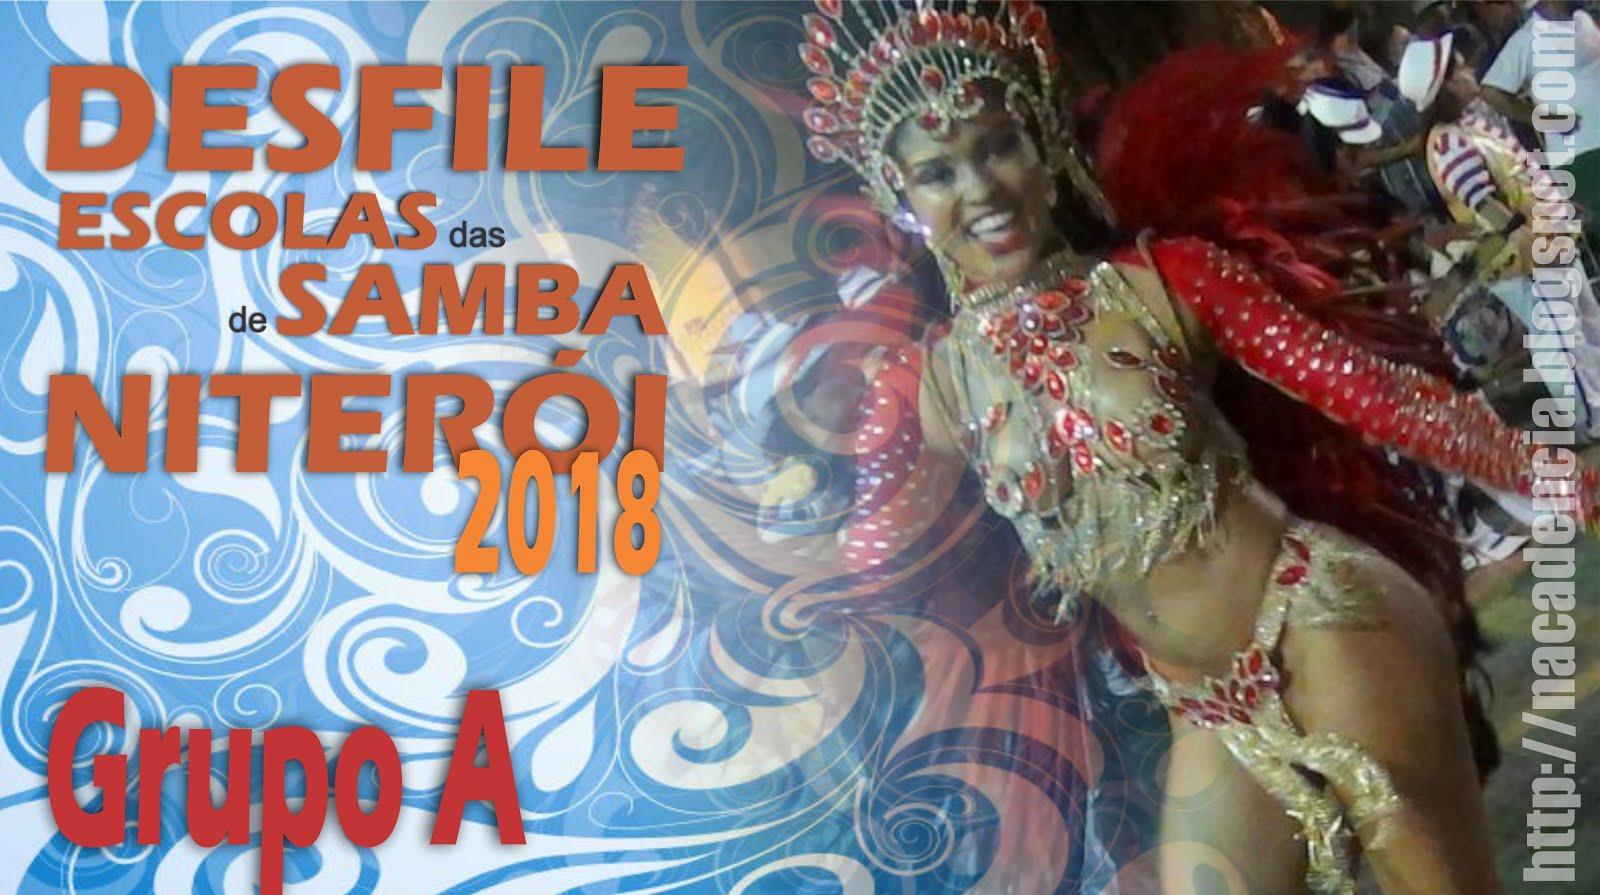 Carnaval de Niterói 2018 - Grupo A